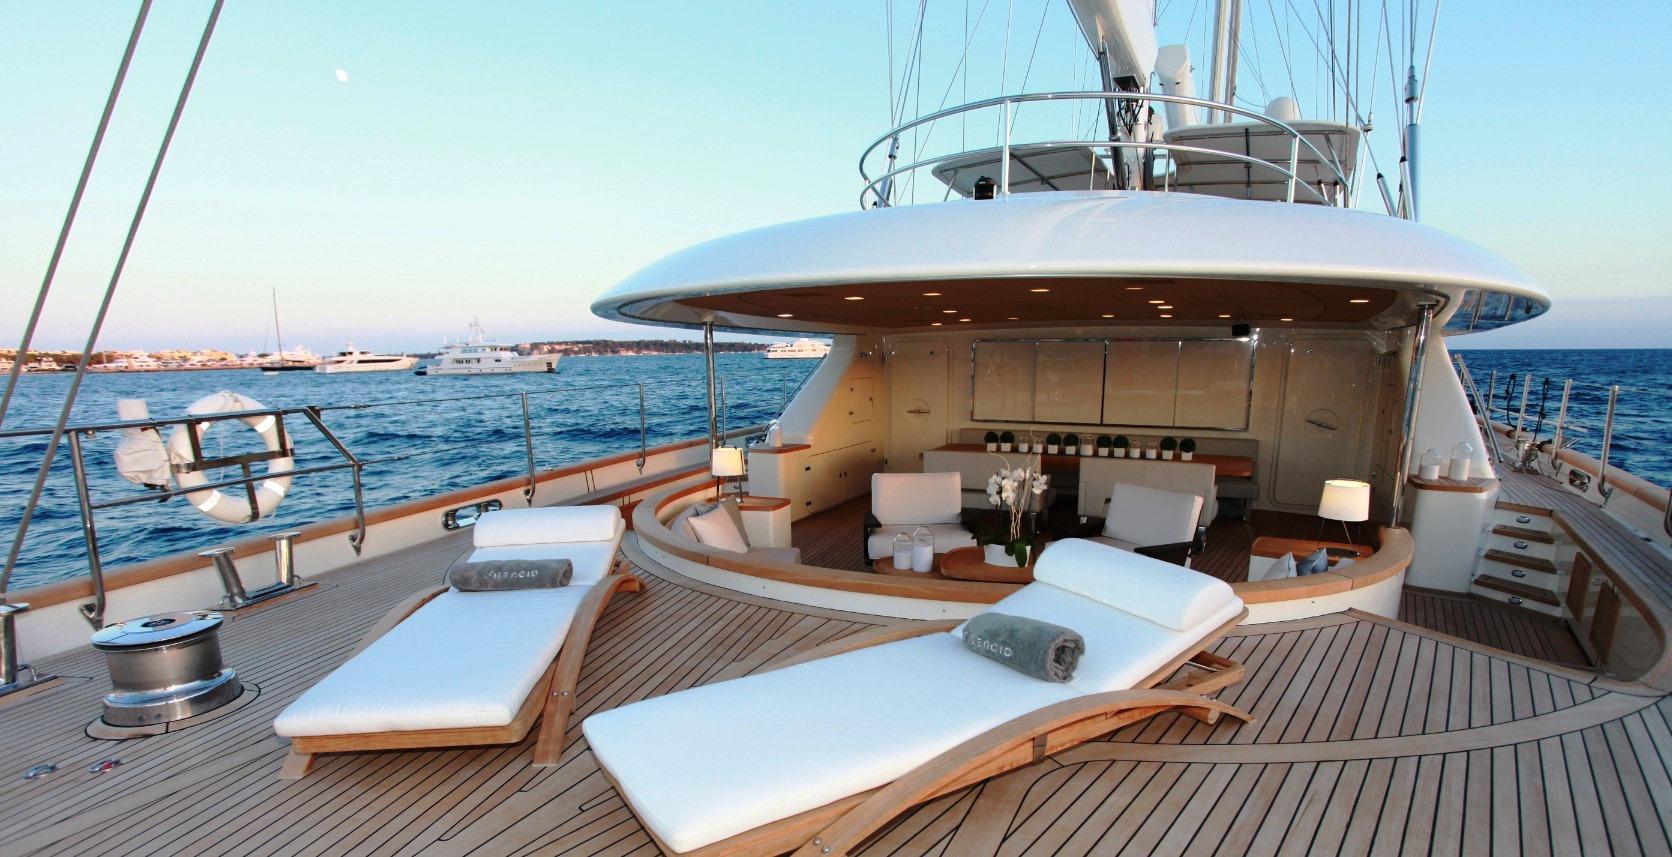 Sailing Yacht Silencio Aft Deck Sunbeds Yacht Charter